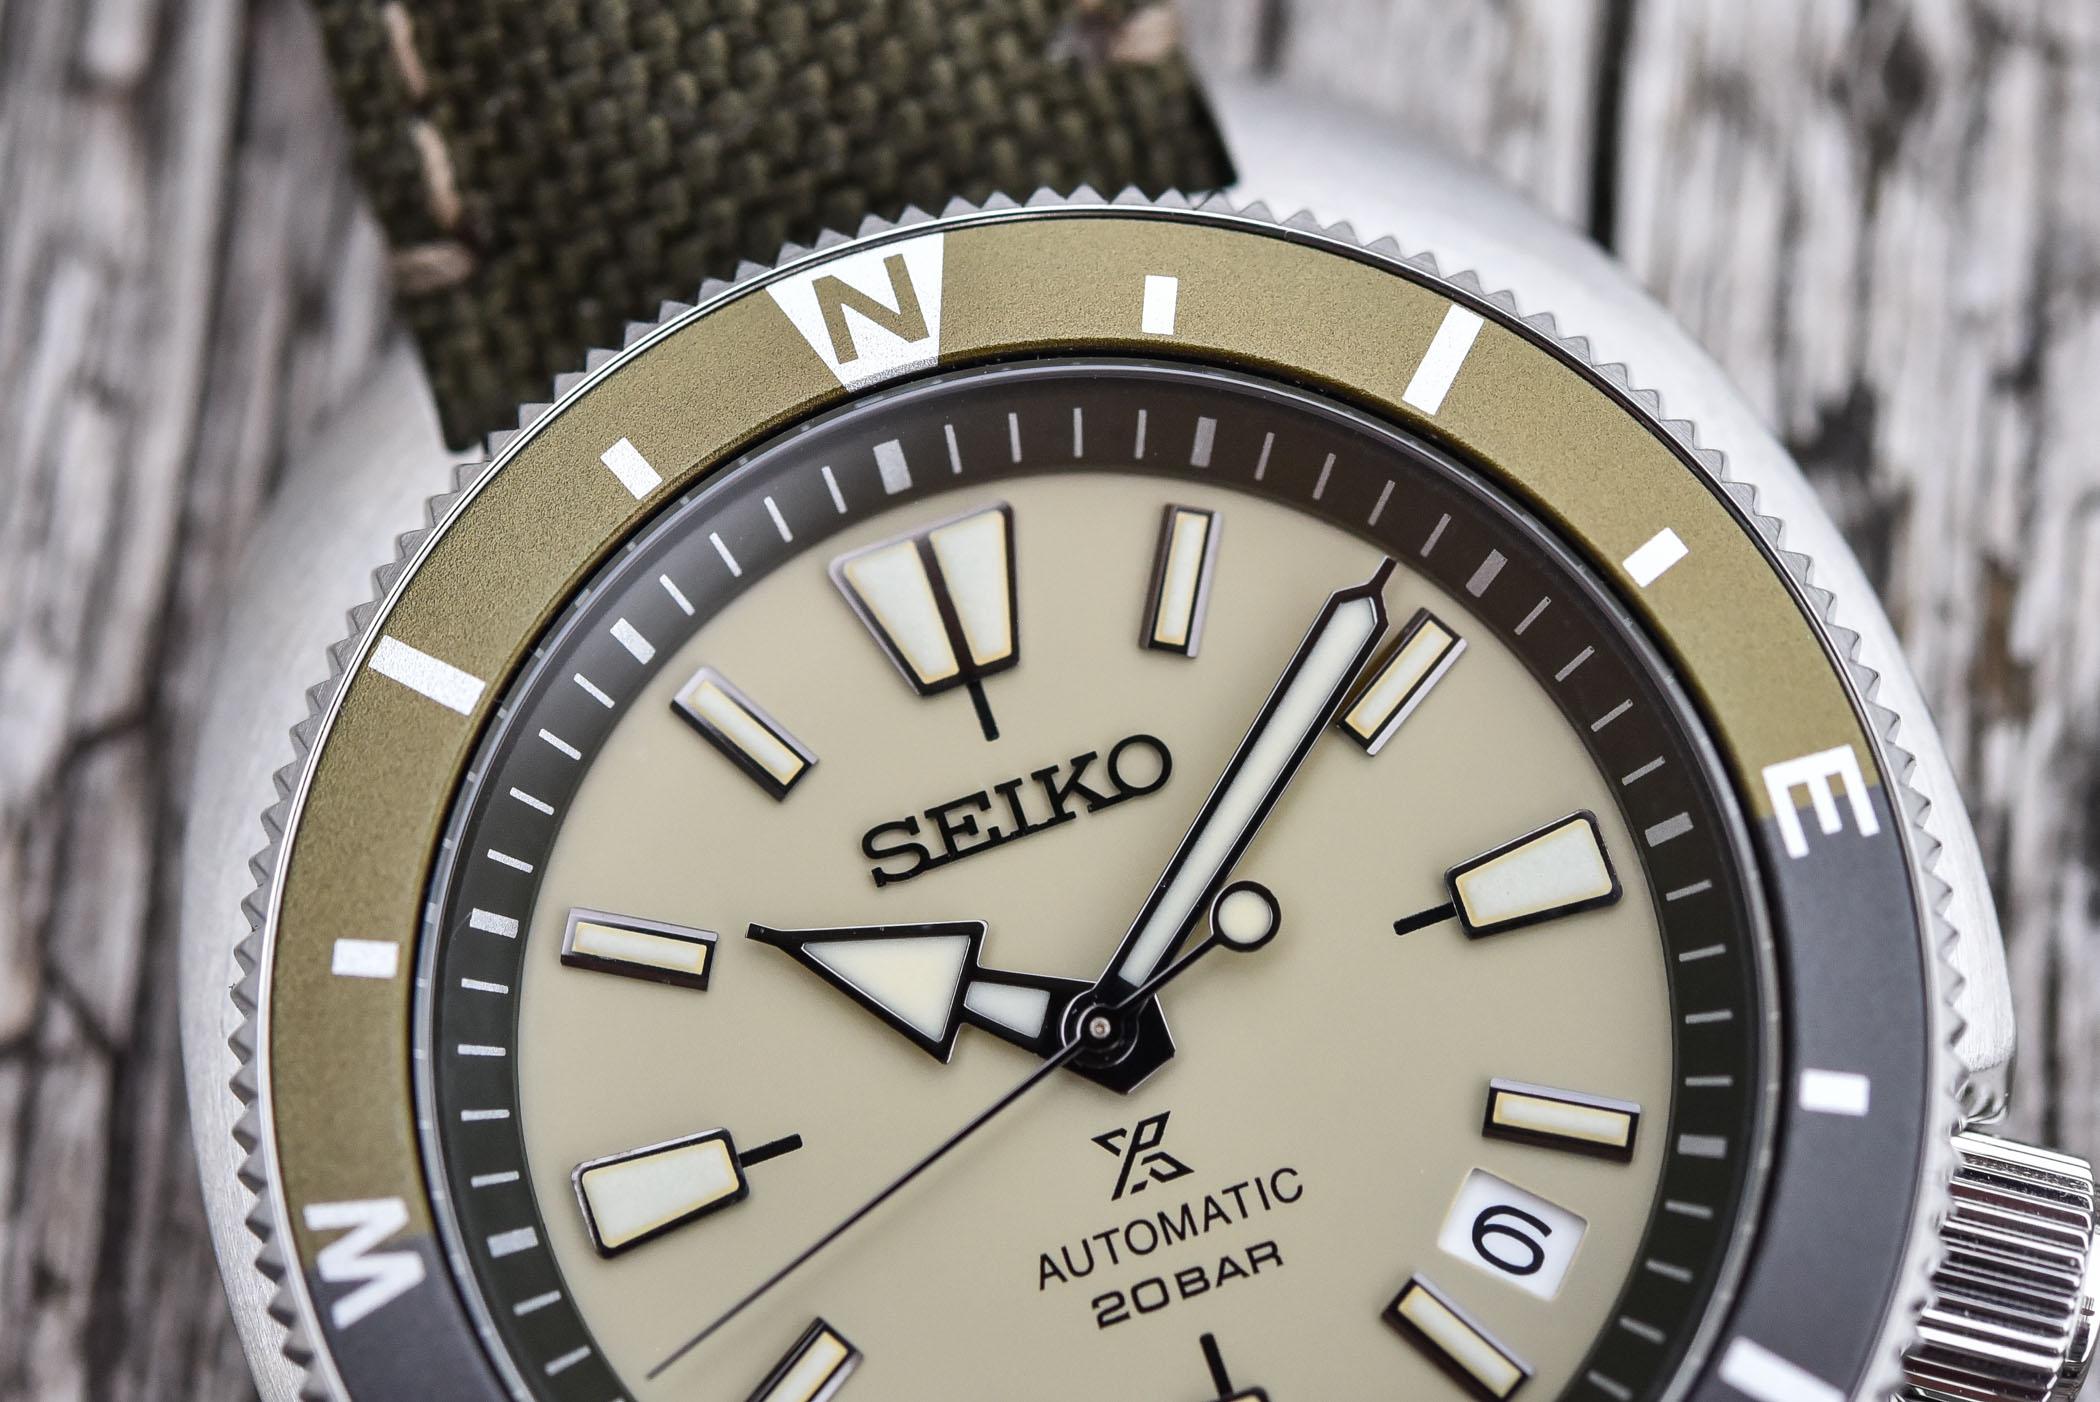 Seiko Prospex Land Tortoise - SRPG13K1 SRPG15K1 SRPG17K1 SRPG18K1